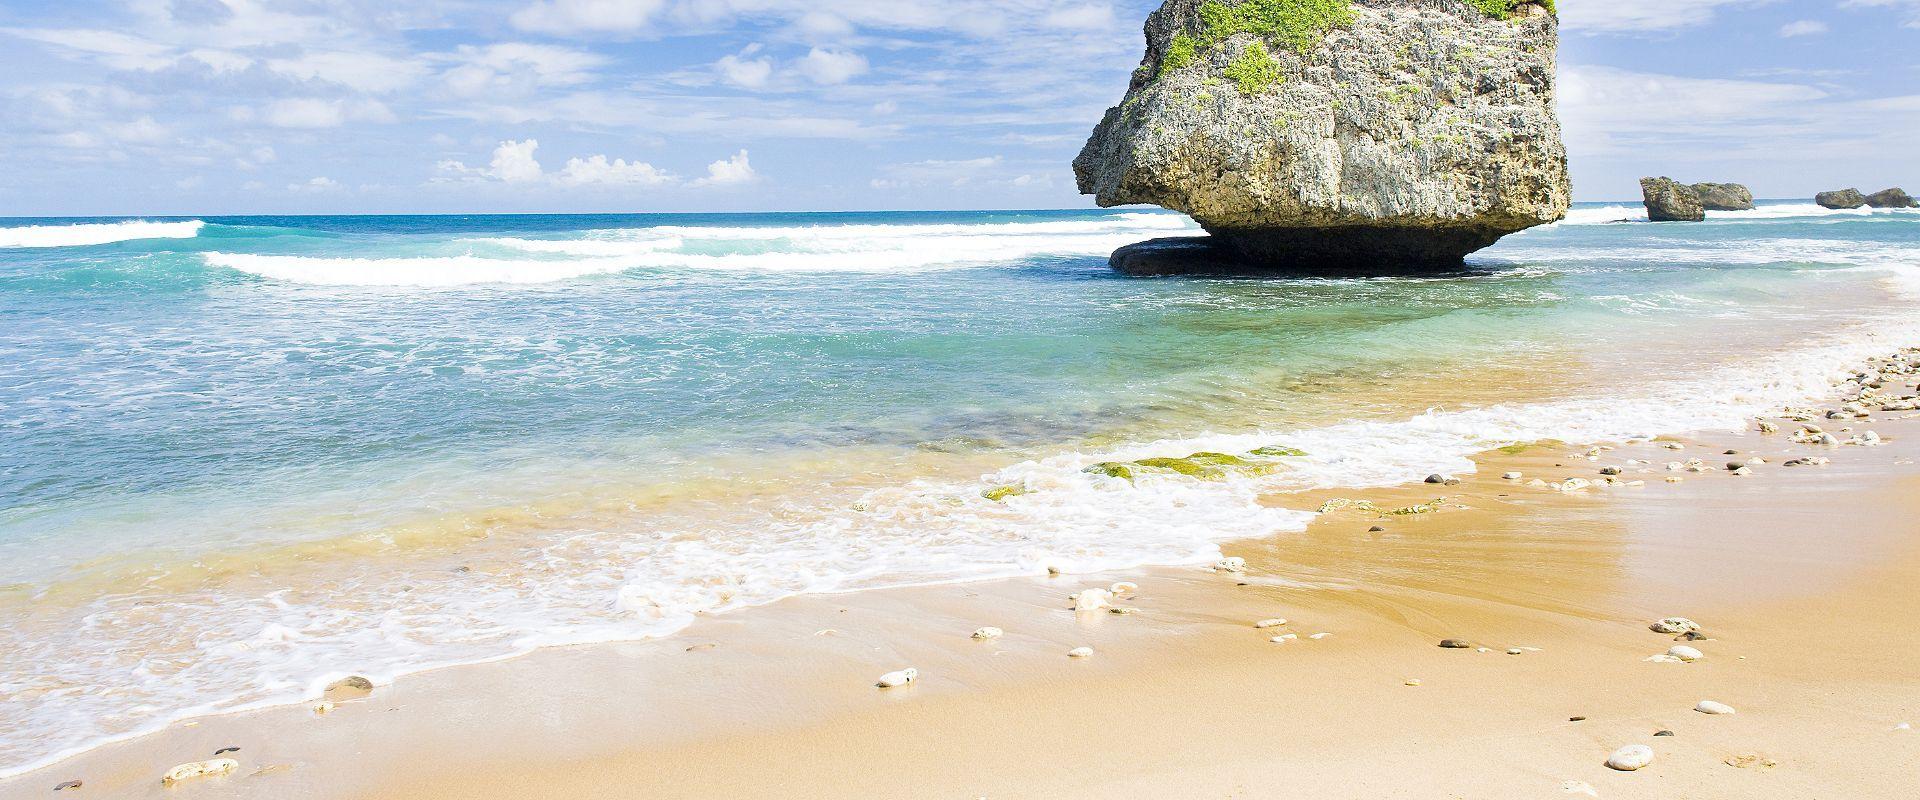 南カリブ海クルーズ 7泊8日